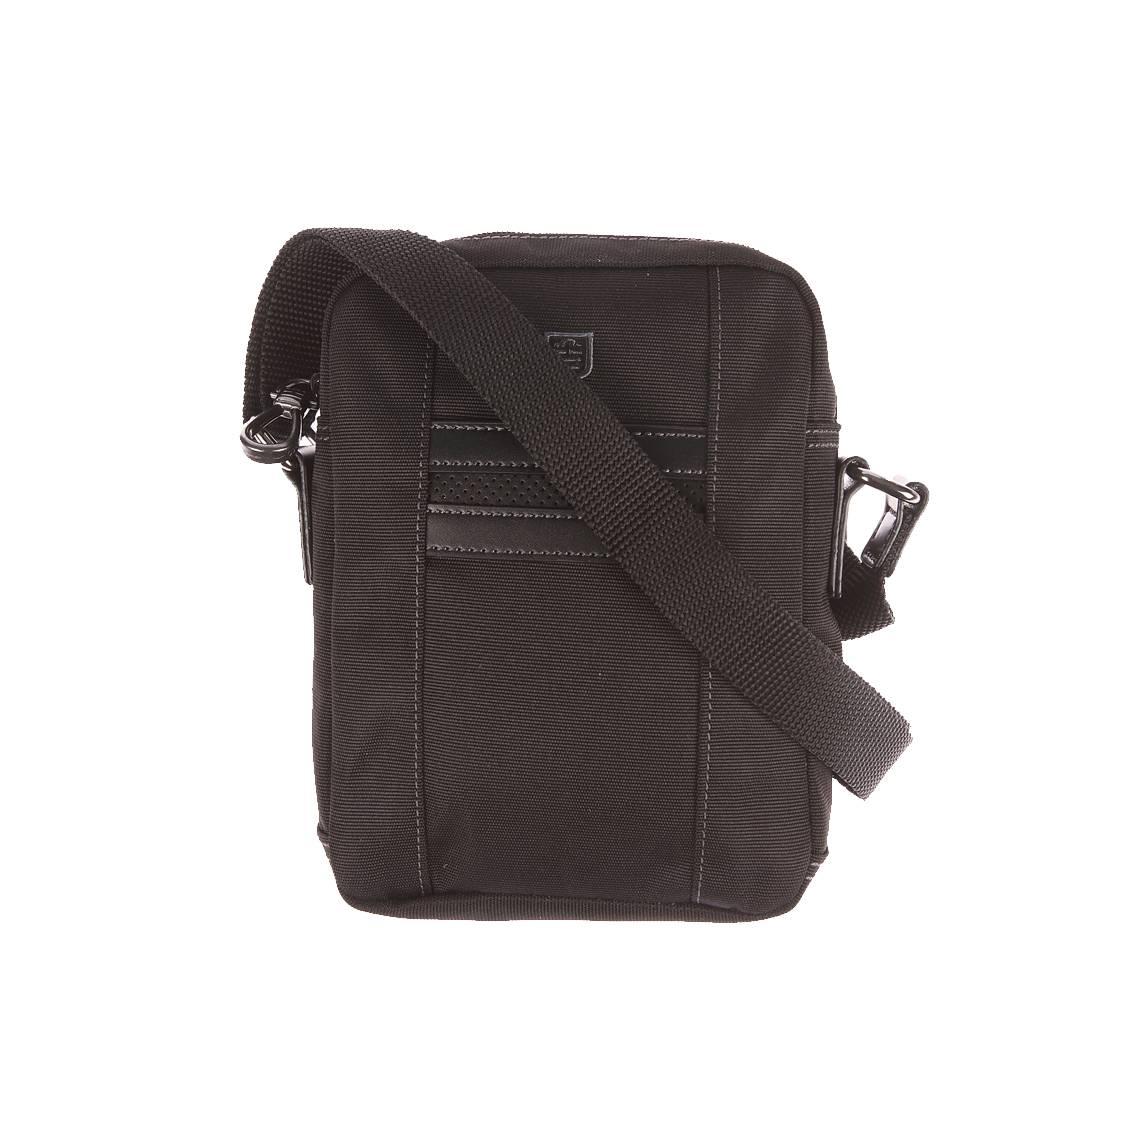 Petite sacoche Serge Blanco en toile noire à 2 compartiments X6ZCd4FQq9